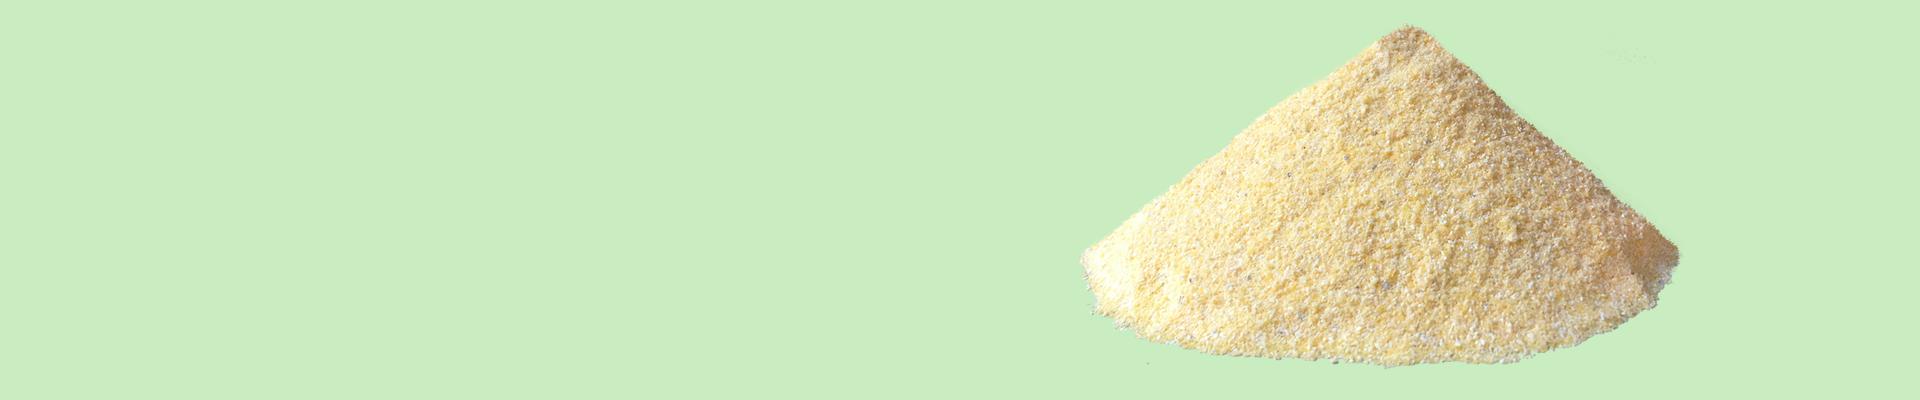 Jual Tepung Jagung Terbaik & Terlengkap - Harga Murah